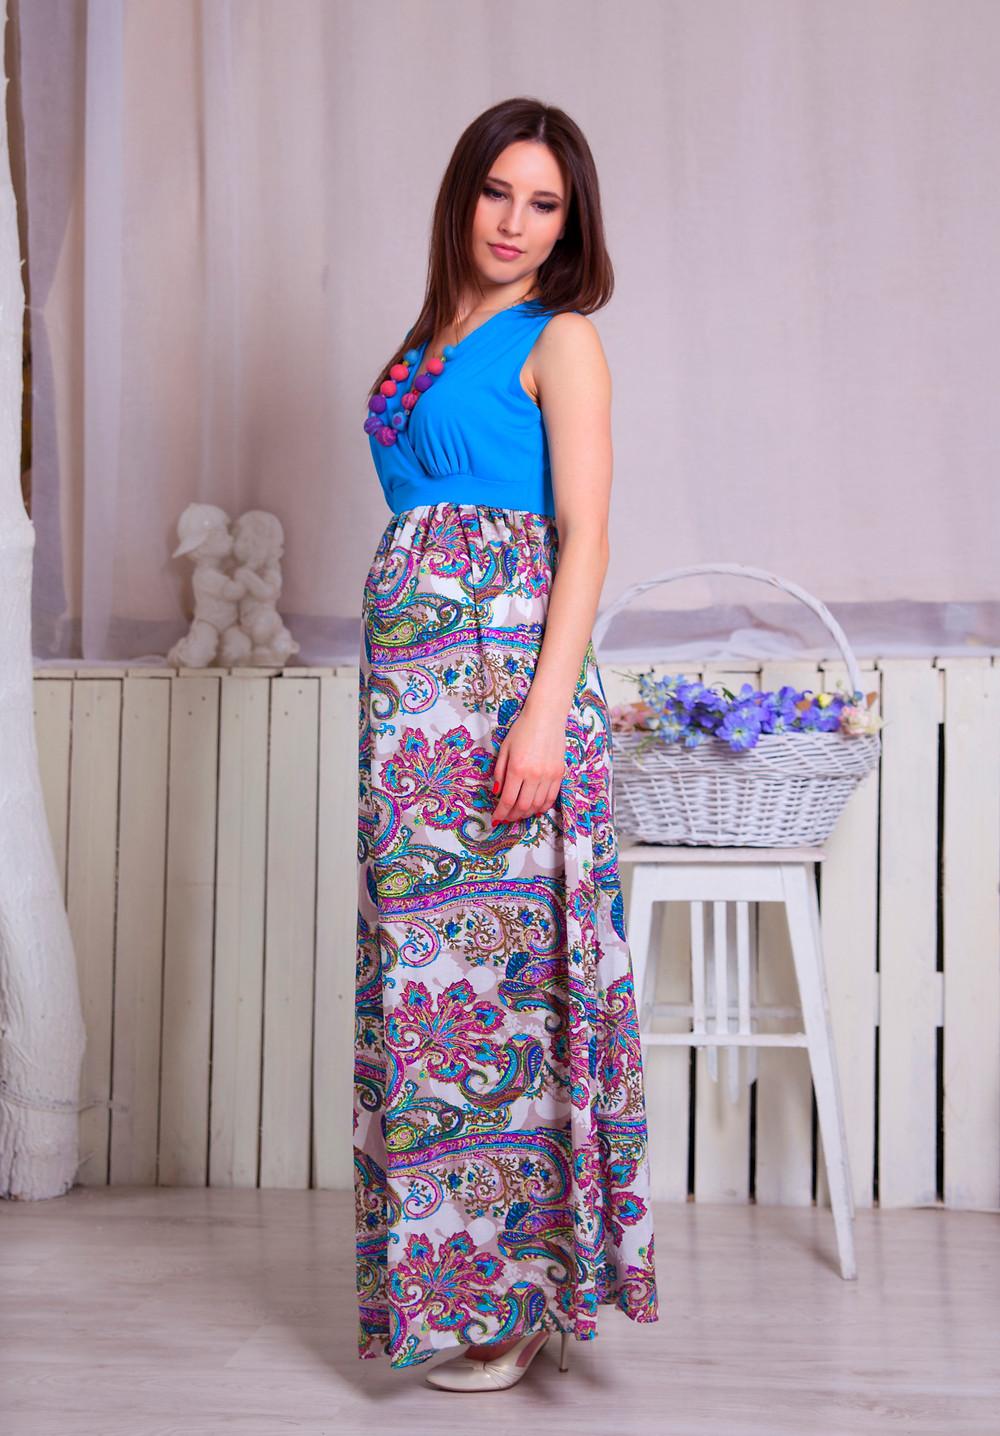 Плаття для вагітних нарядне з легкої тканини для літа